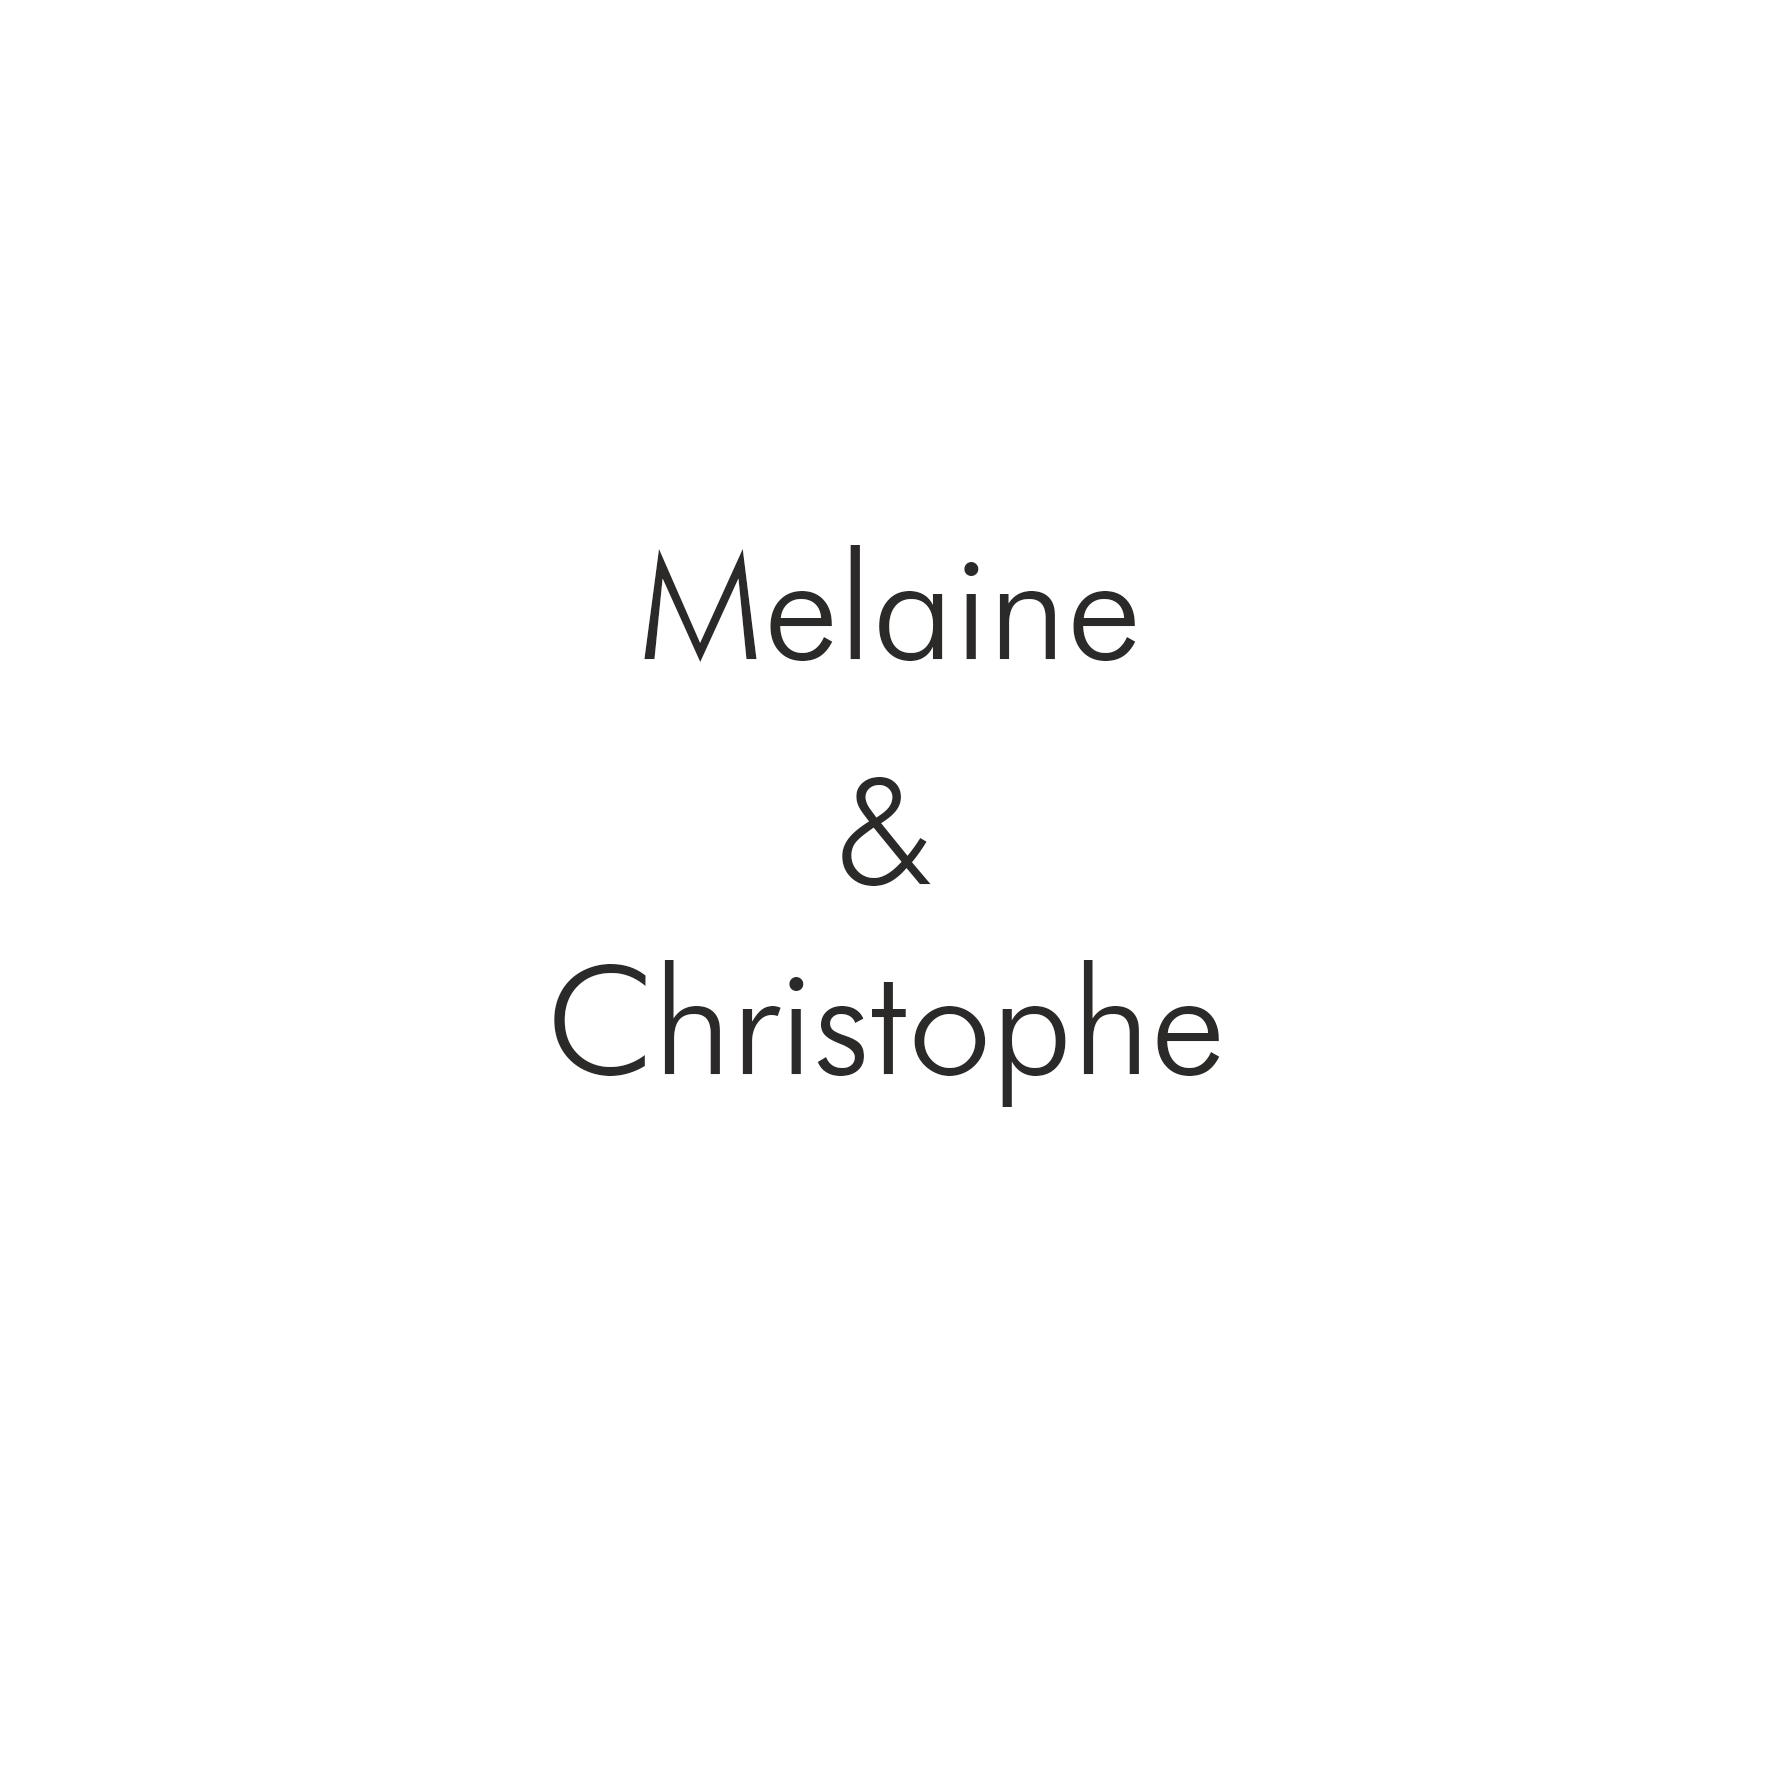 Melaine & Christophe.png